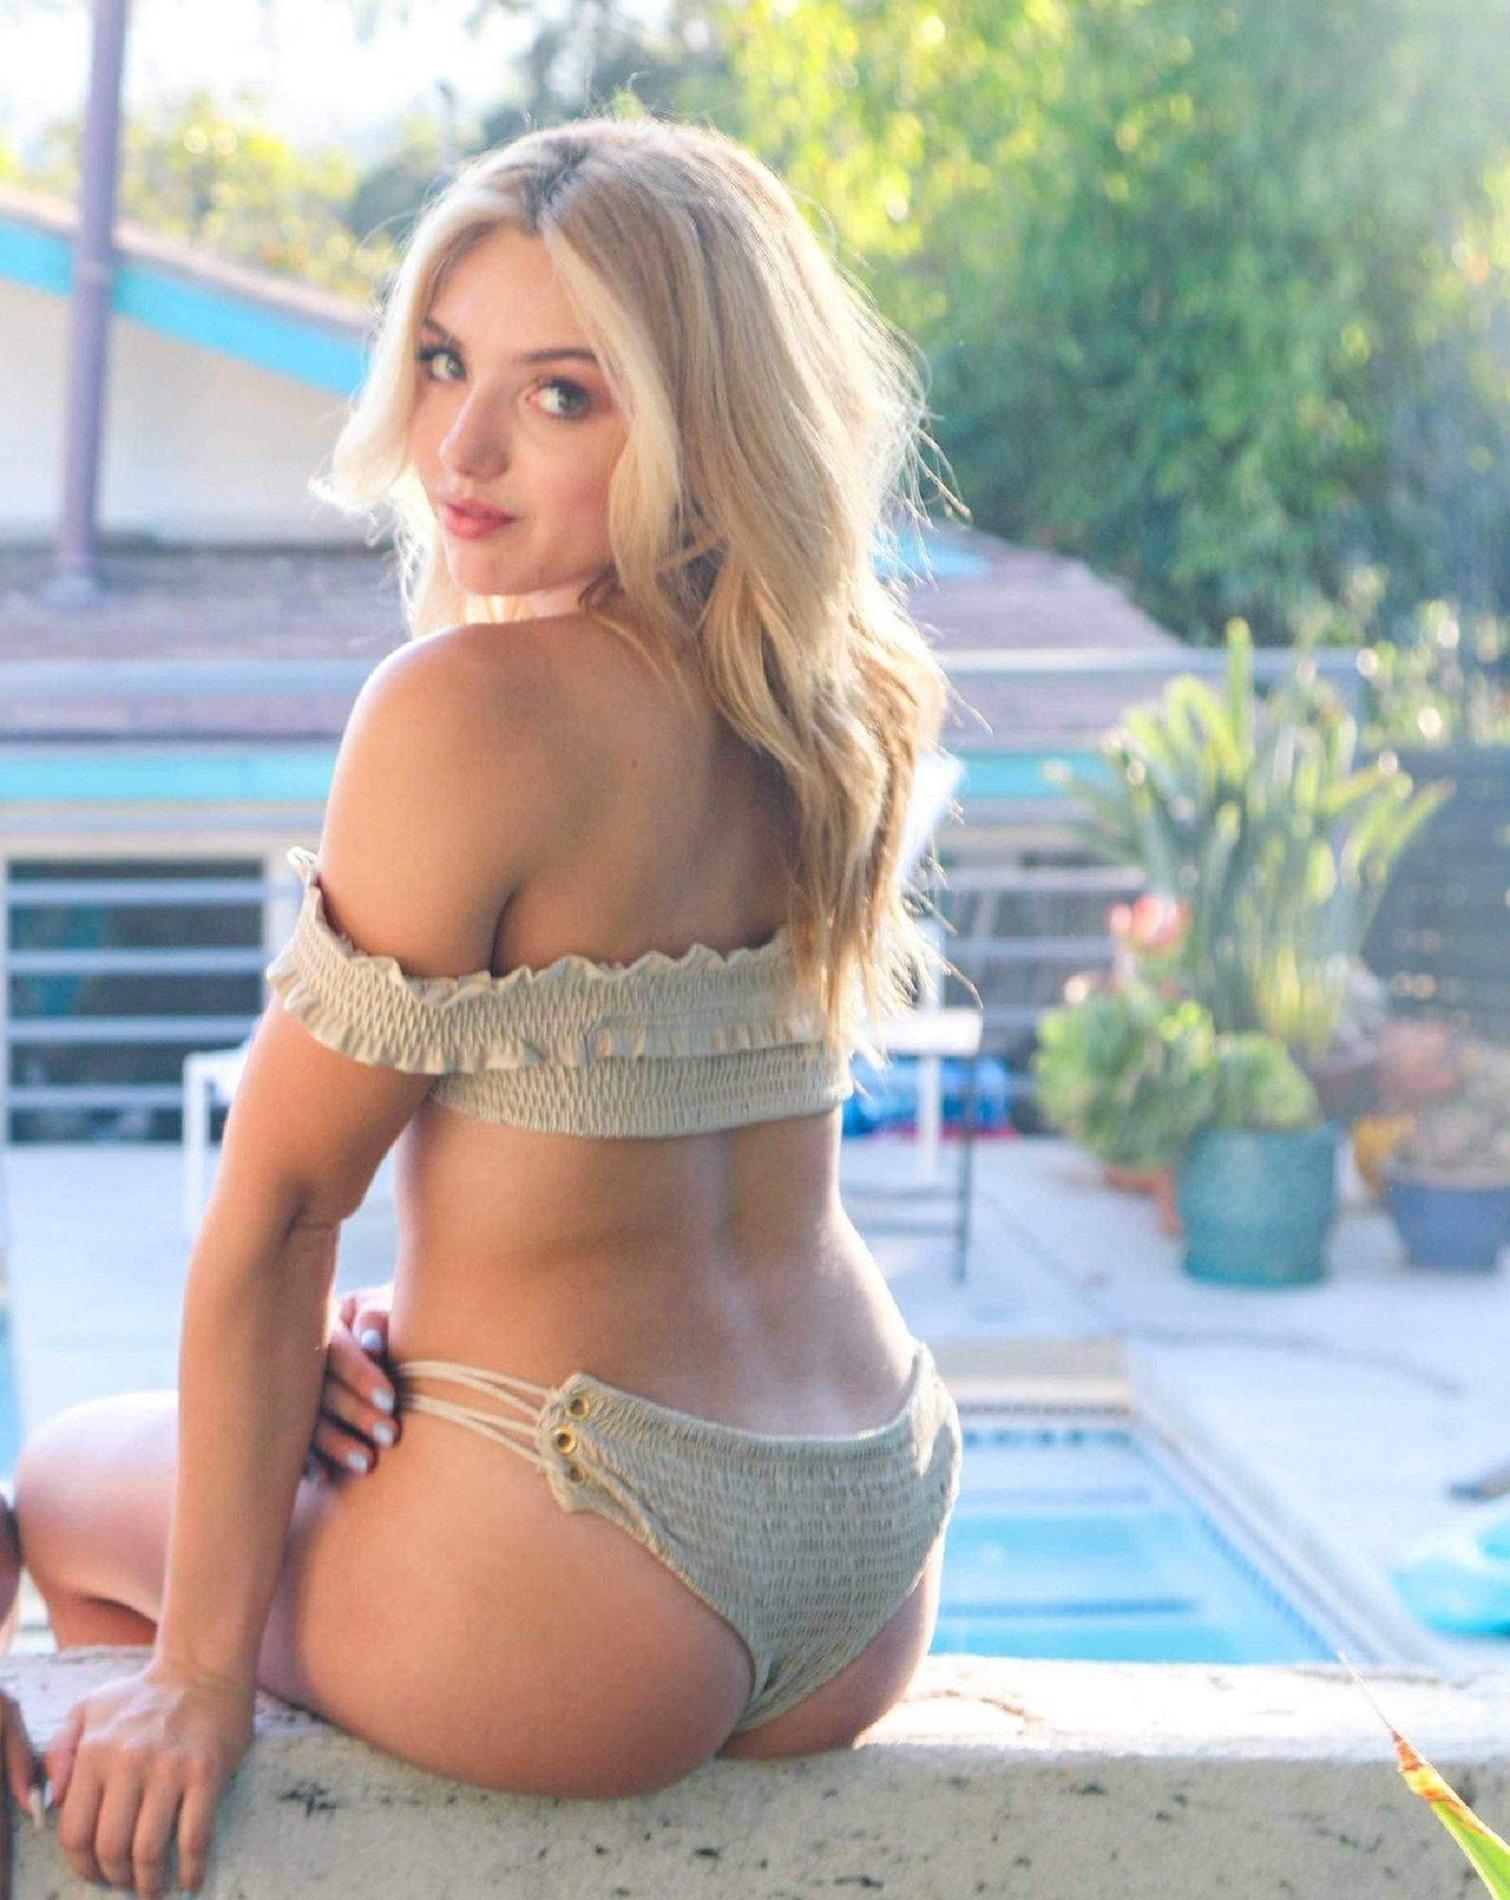 Peyton roi list pics bikini